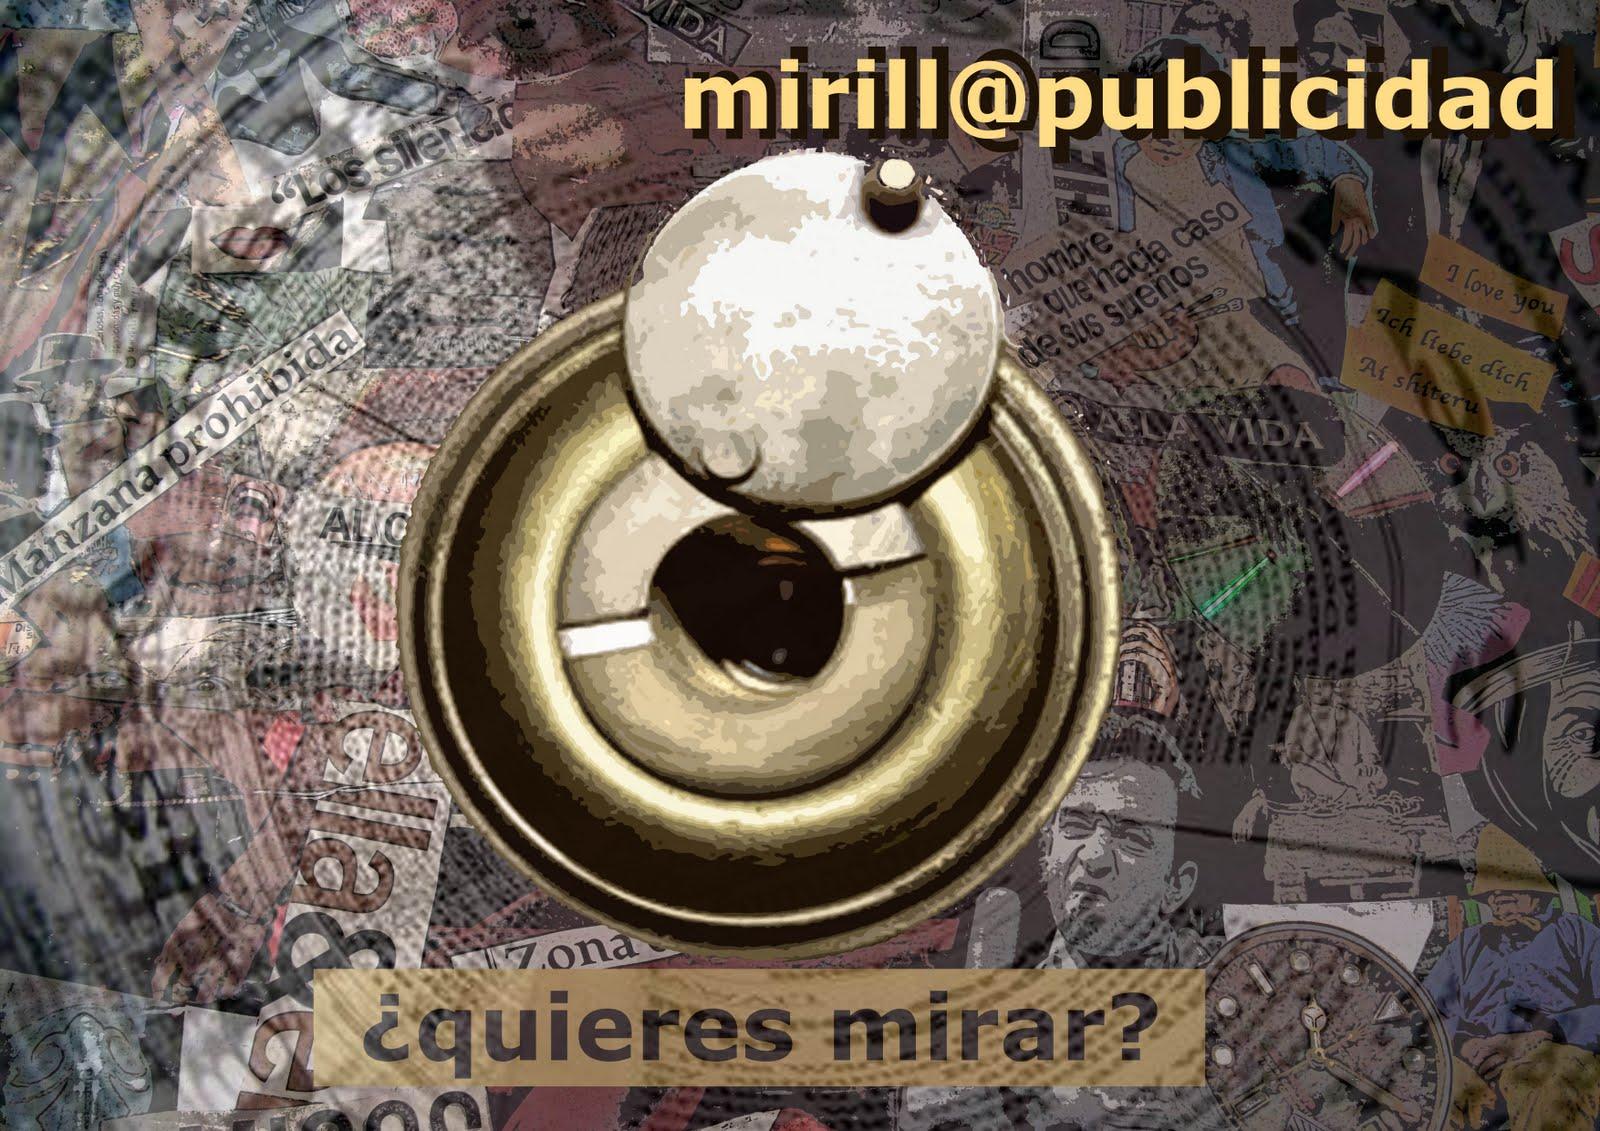 mirill@publicidad